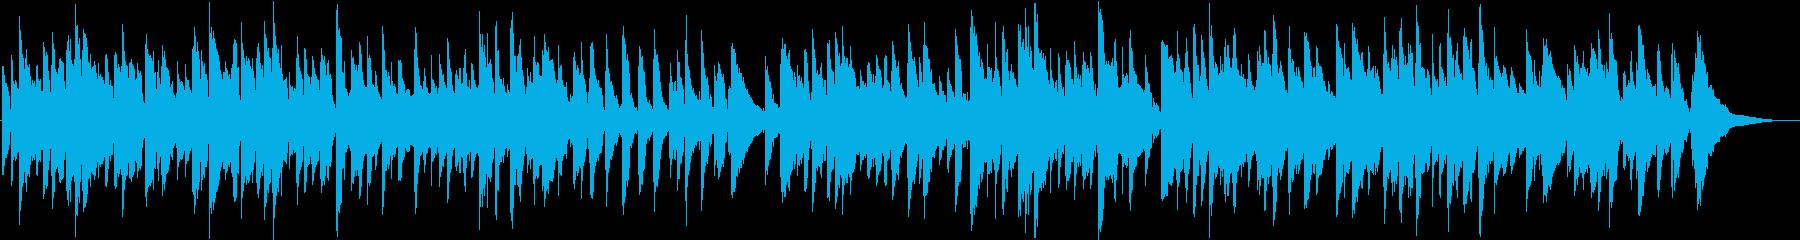 ホルスト名曲 ジュピター カバーアレンジの再生済みの波形